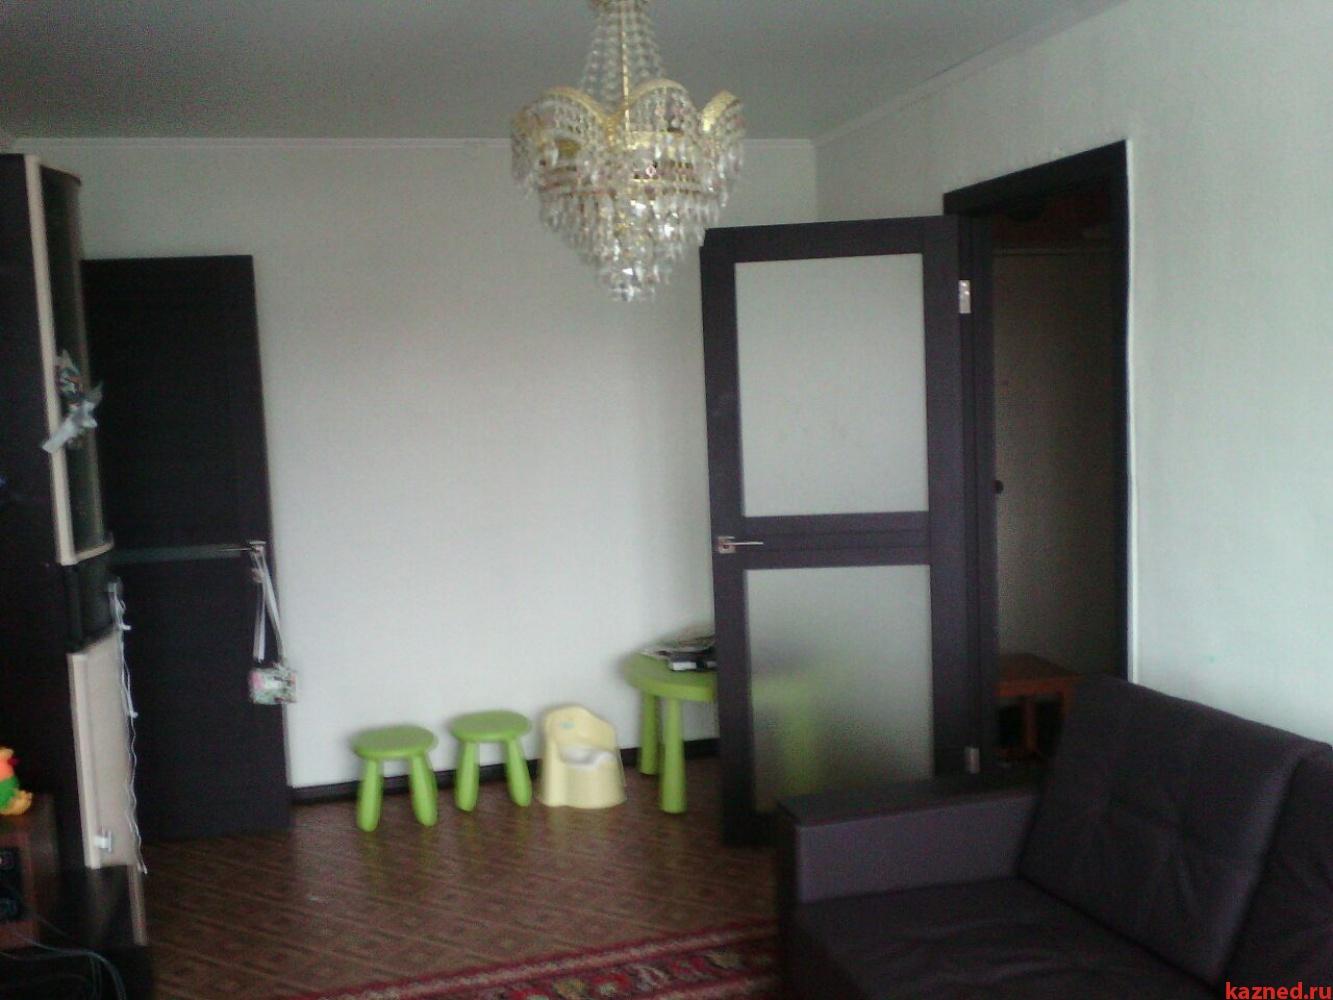 Продажа 2-к квартиры Горьковское шоссе, 12, 43 м2  (миниатюра №2)